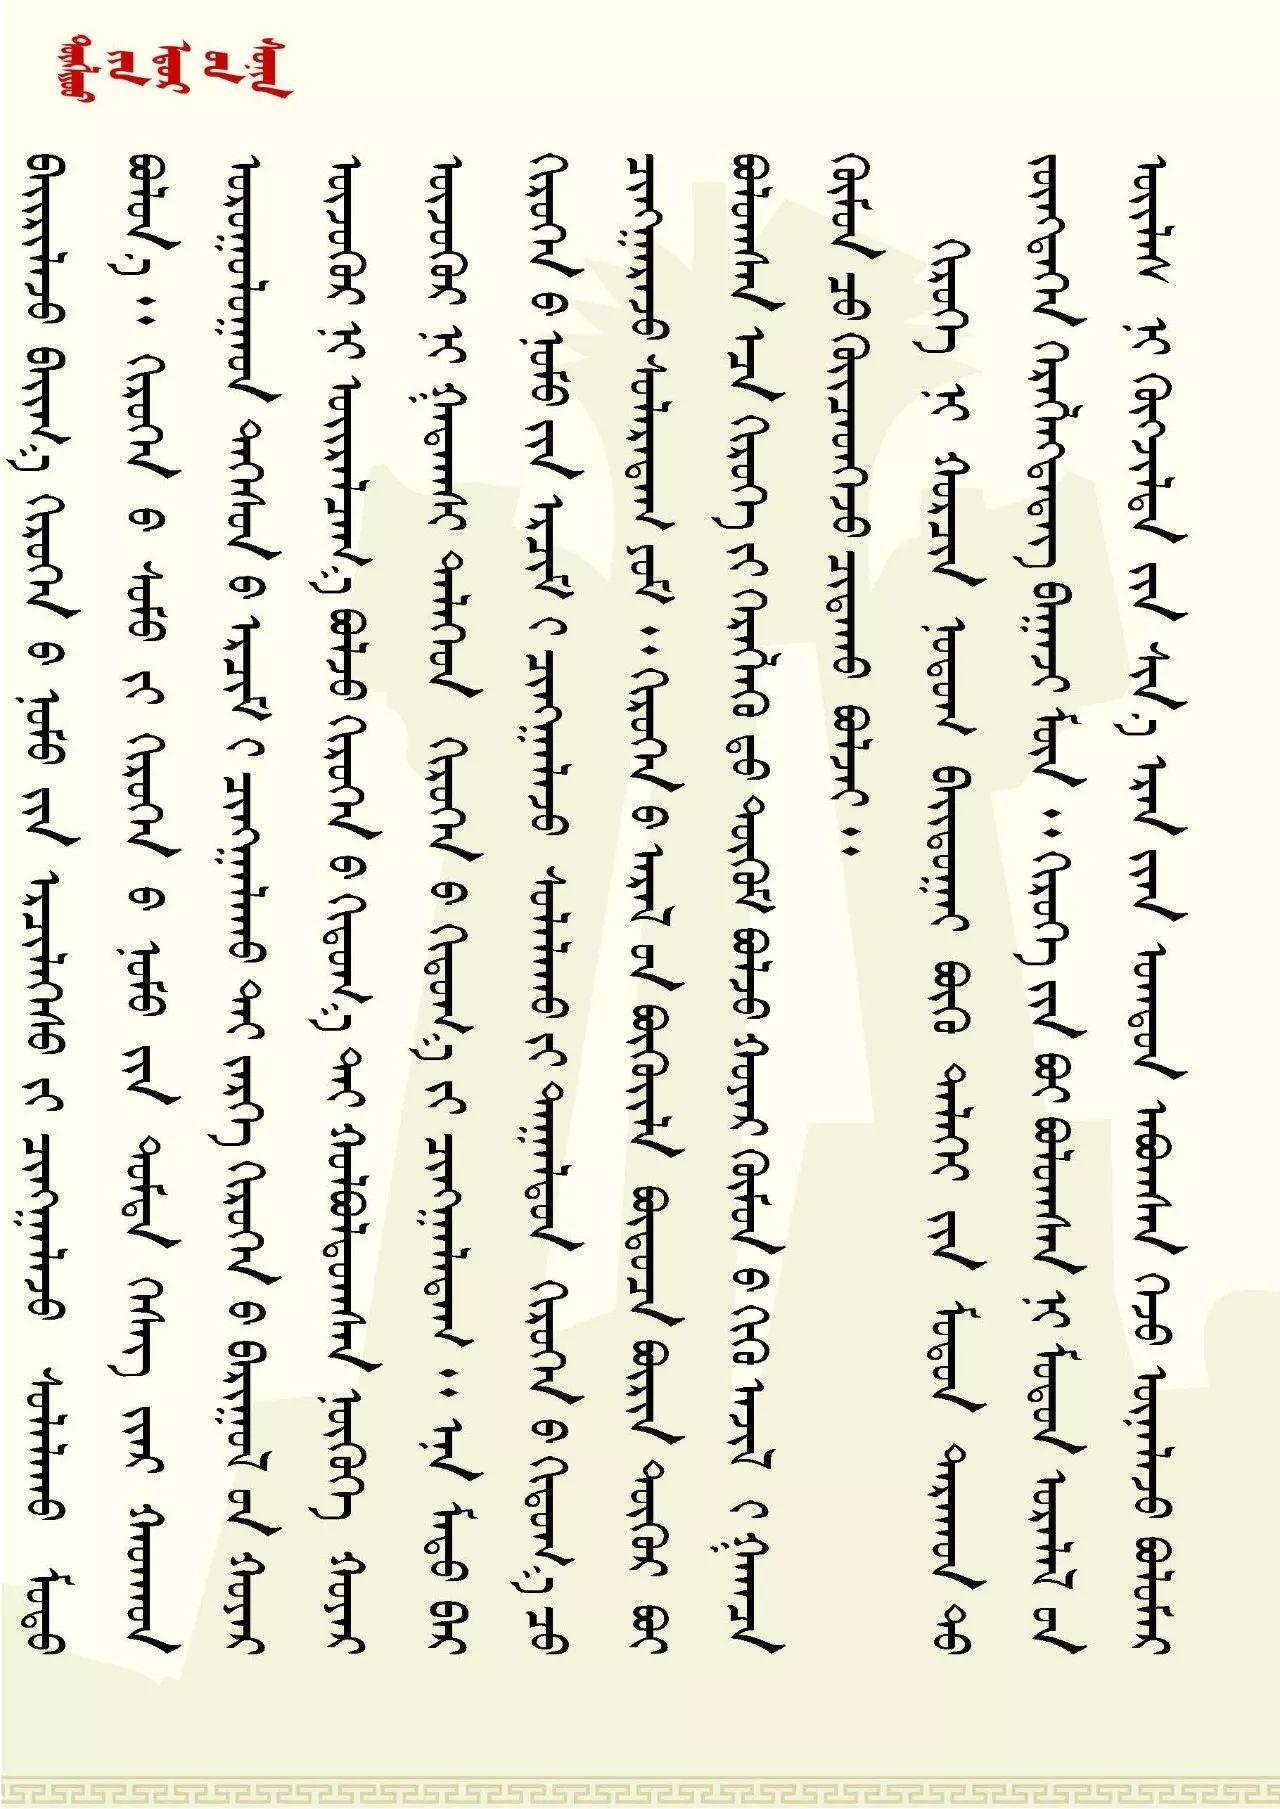 【文化】科尔沁木工文化(蒙古文) 第19张 【文化】科尔沁木工文化(蒙古文) 蒙古文化